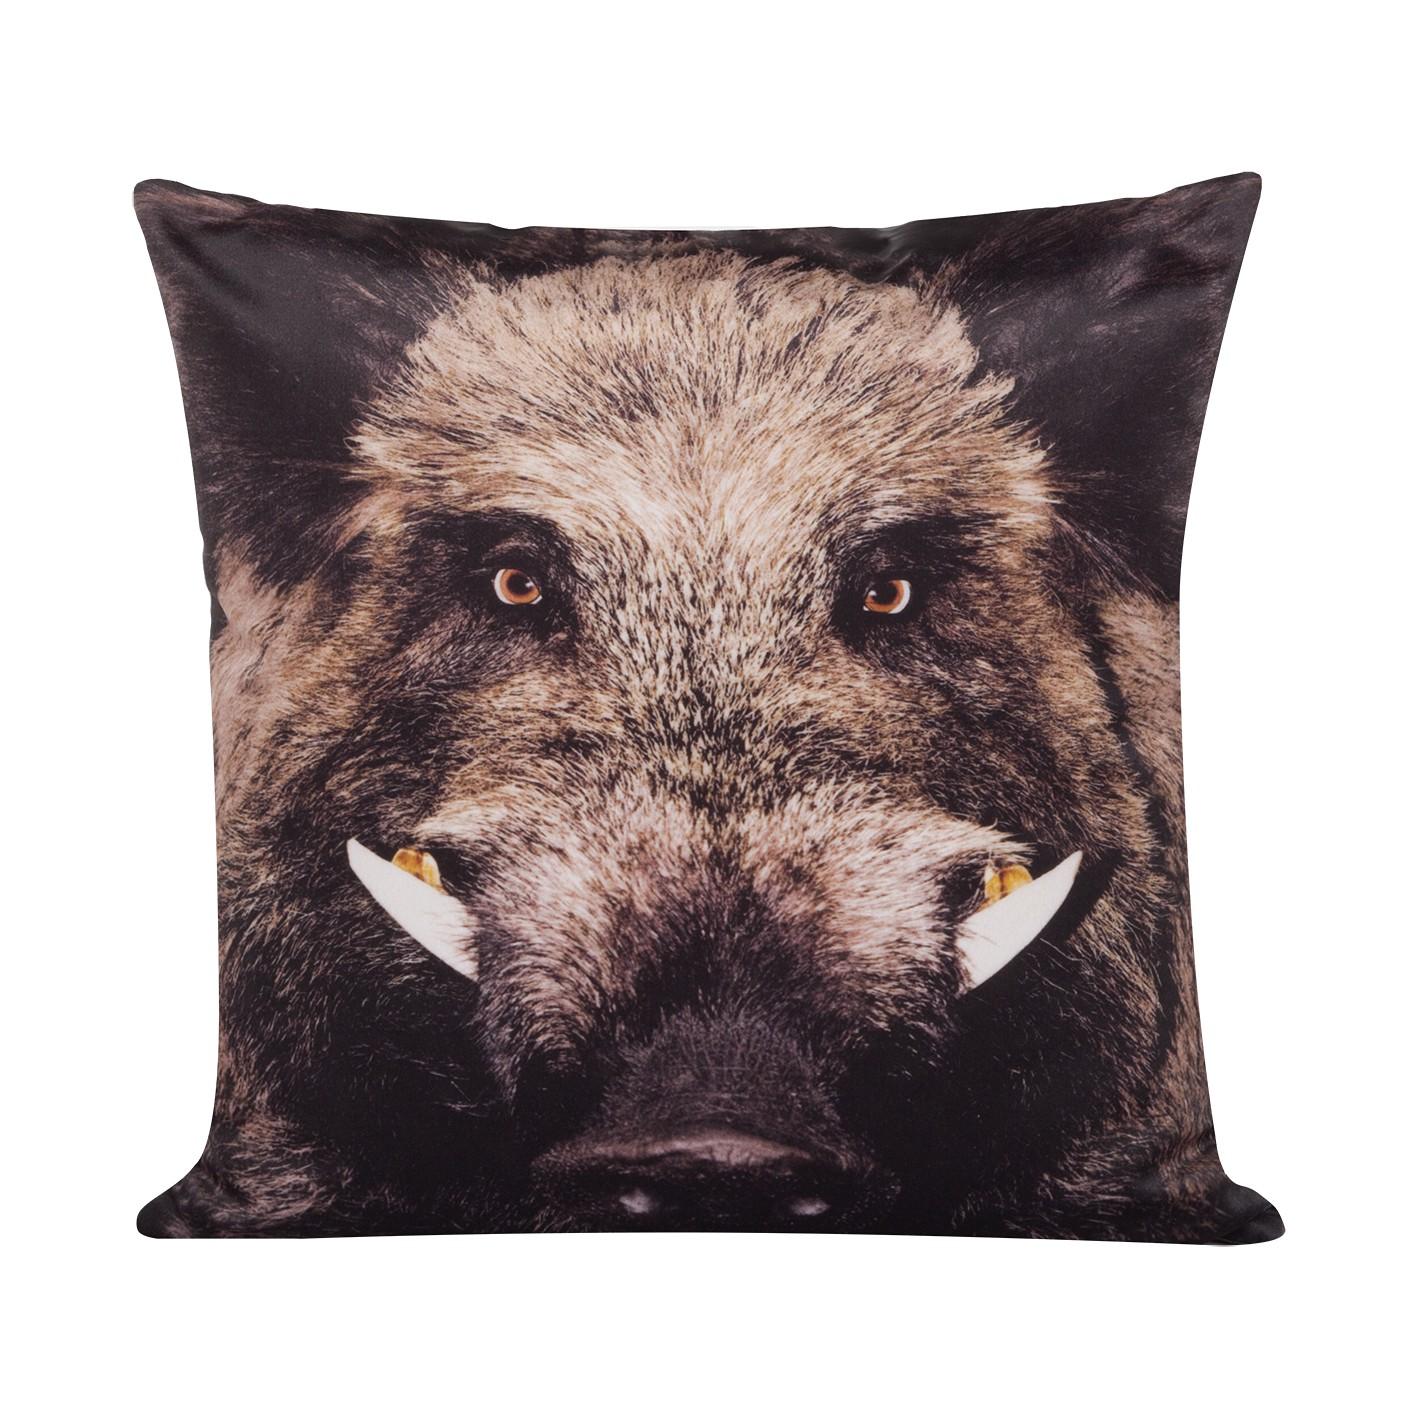 Kussenhoes Wild Pig, Morteens